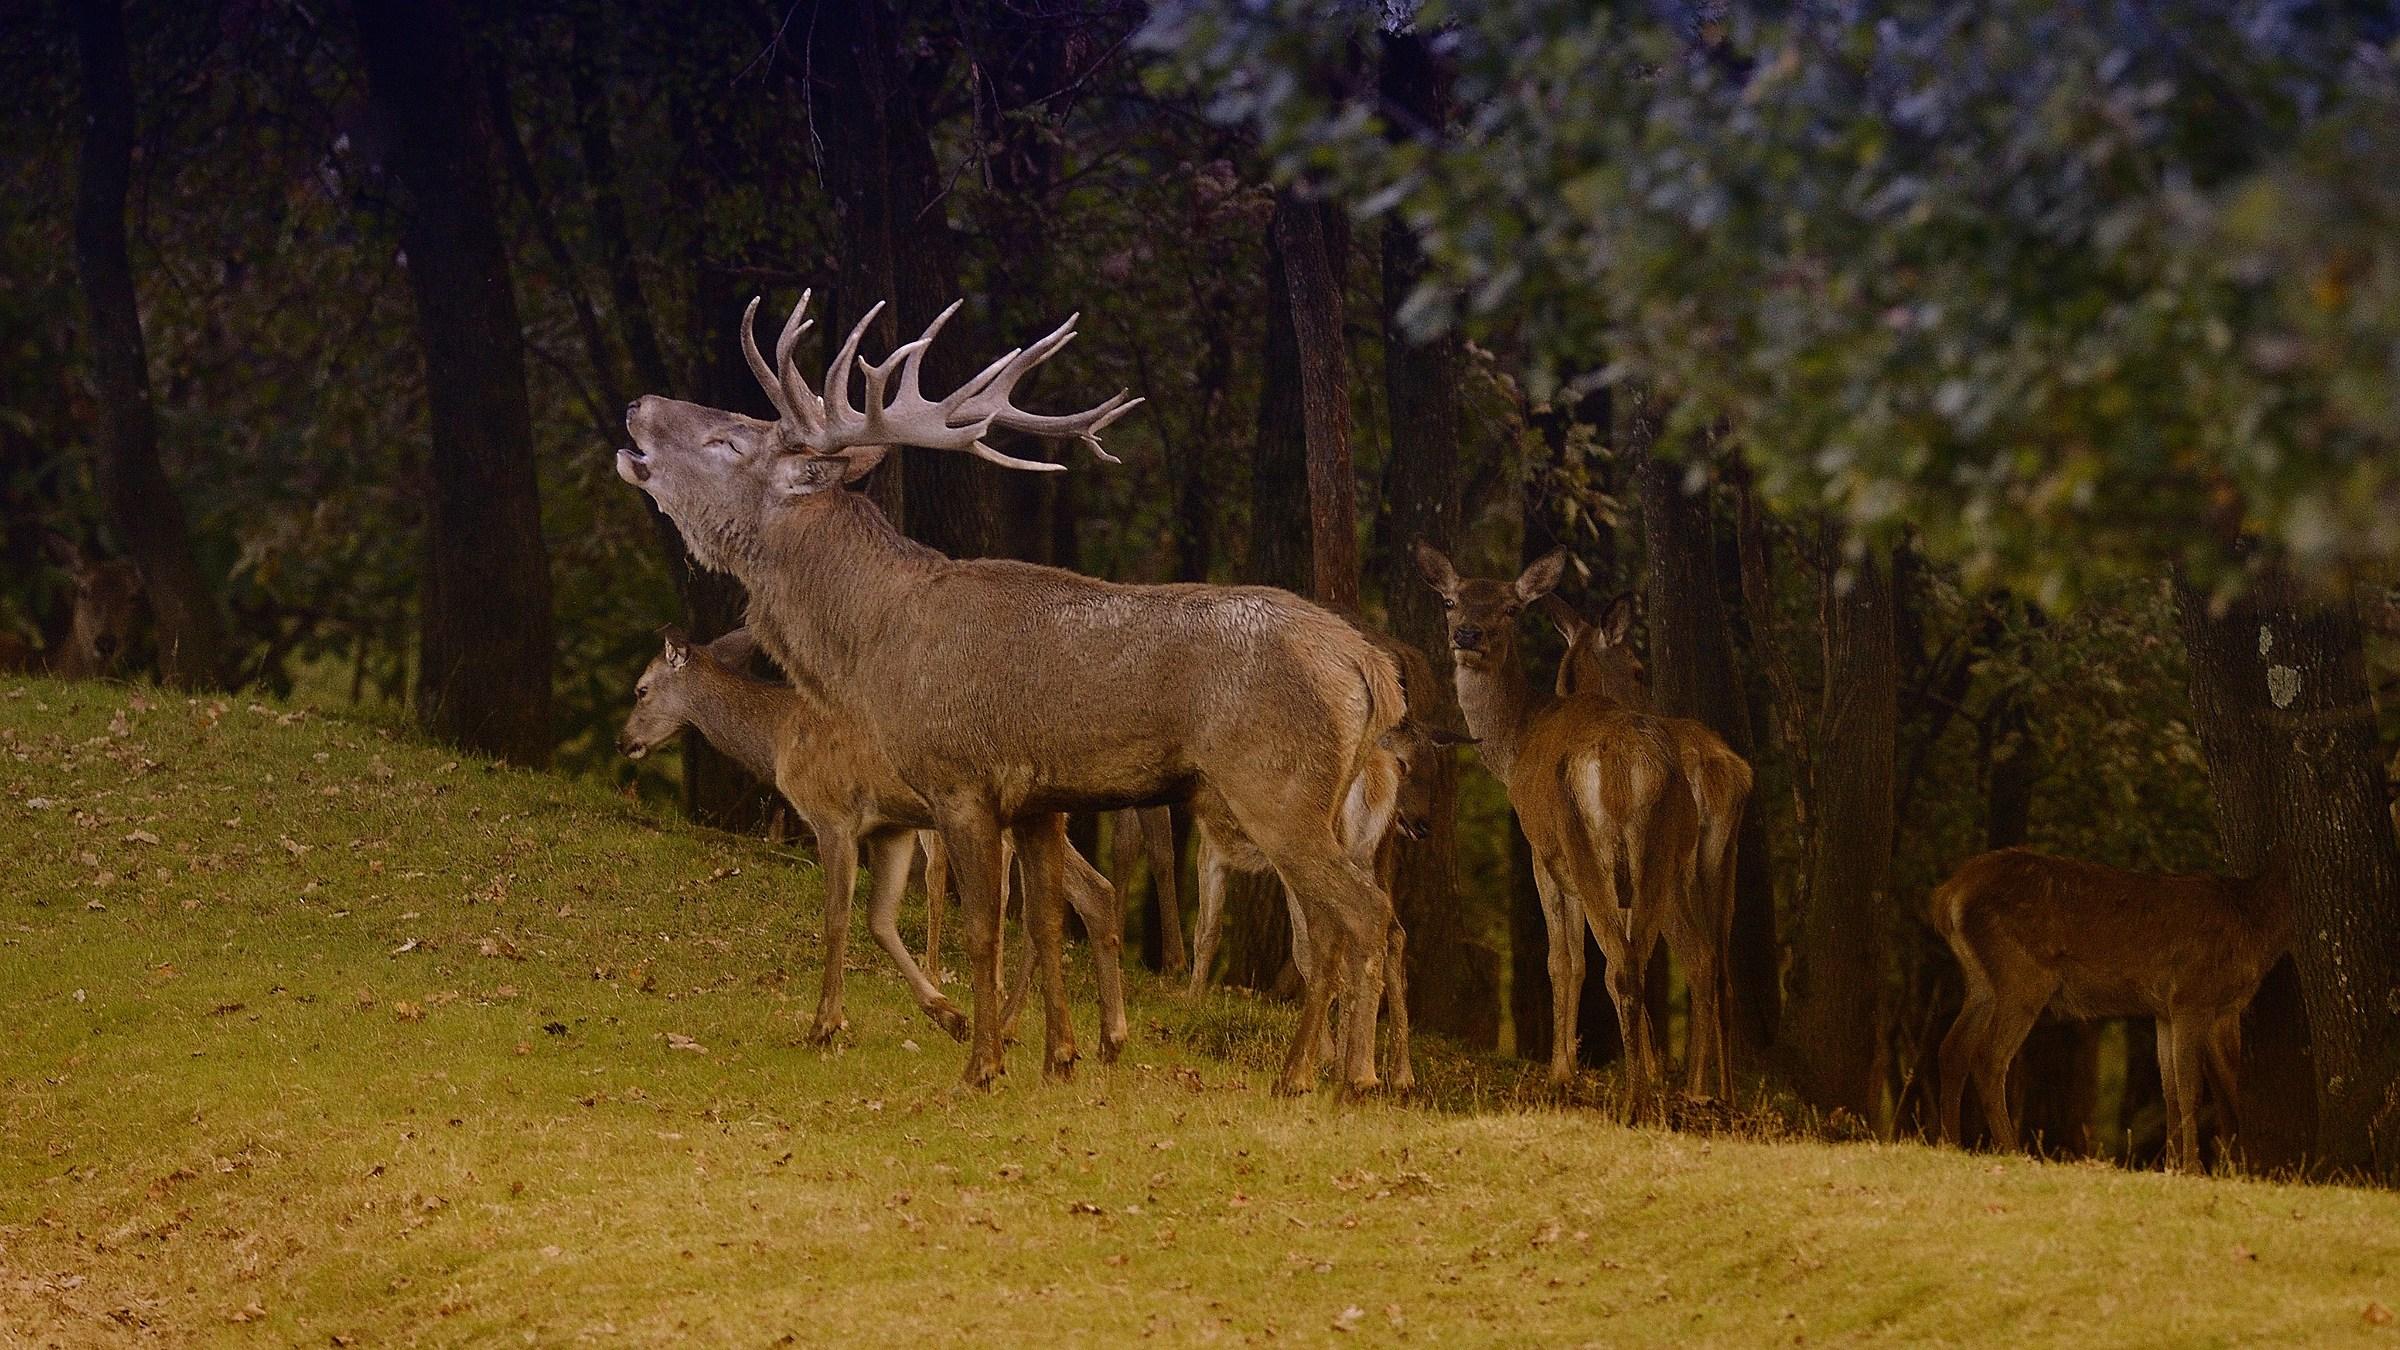 The roar of the deer...